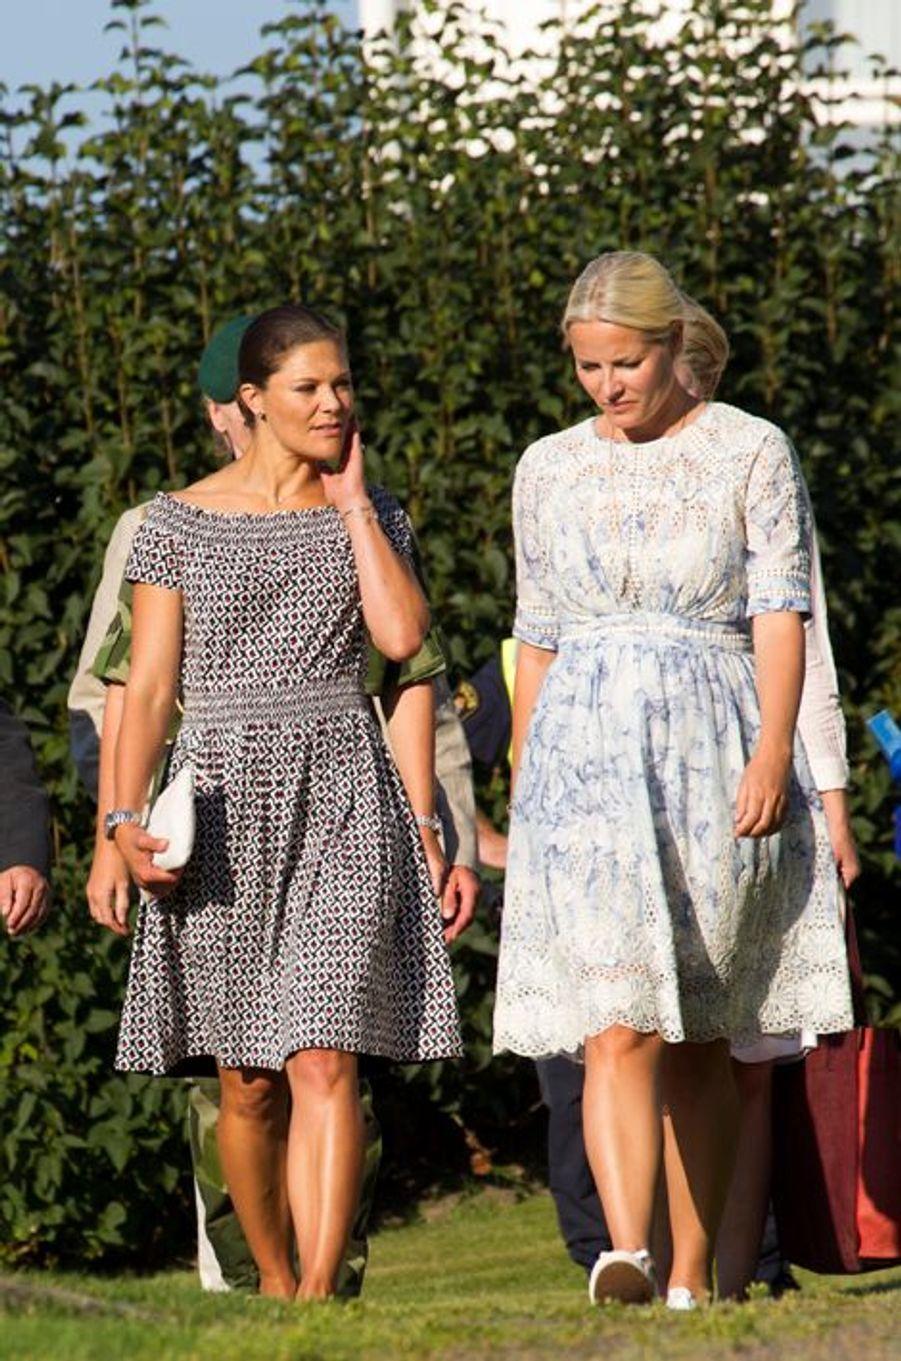 Les princesses Victoria de Suède et Mette-Marit de Norvège à Stromstad en Suède, le 22 août 2015